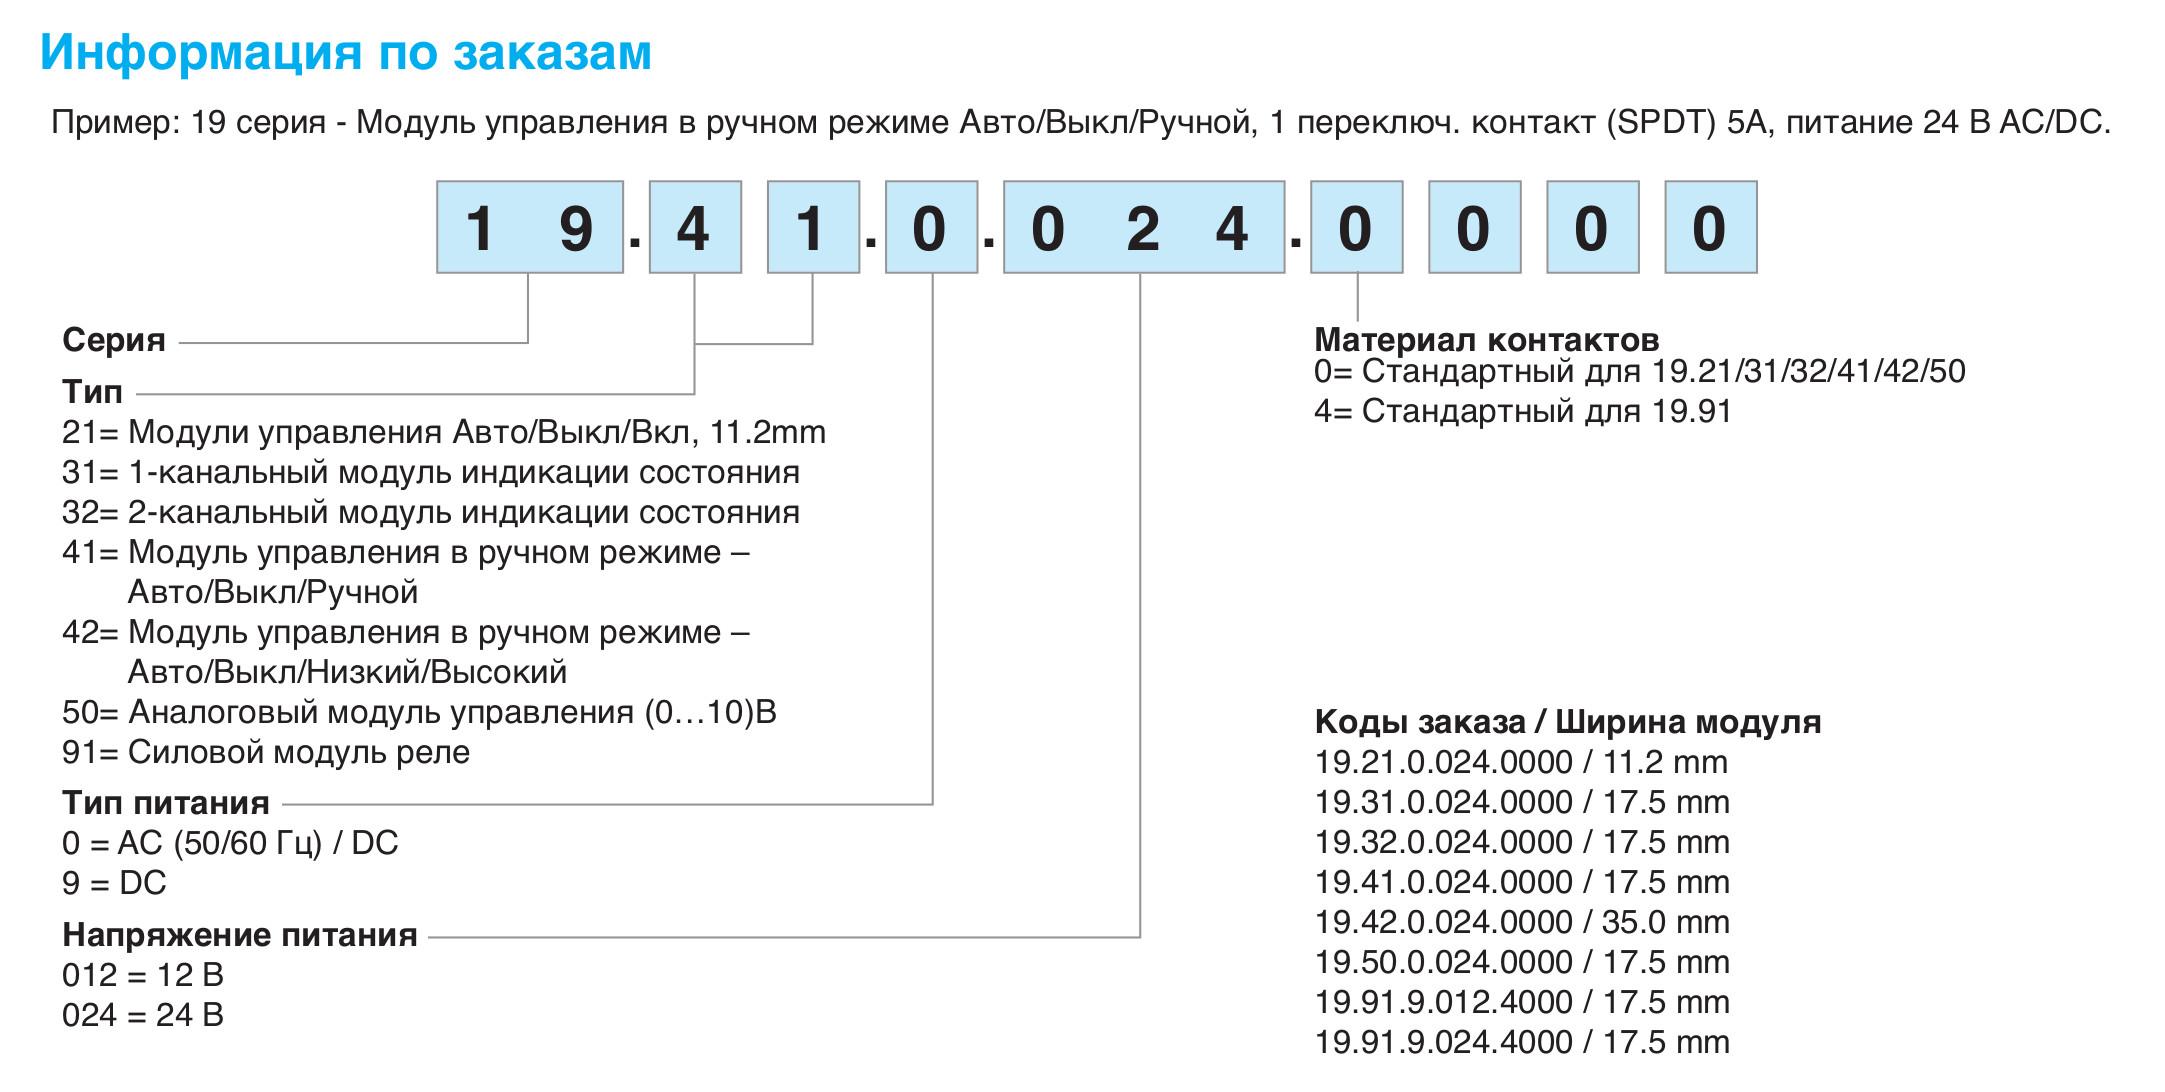 Таблица для заказа Finder 19 серии